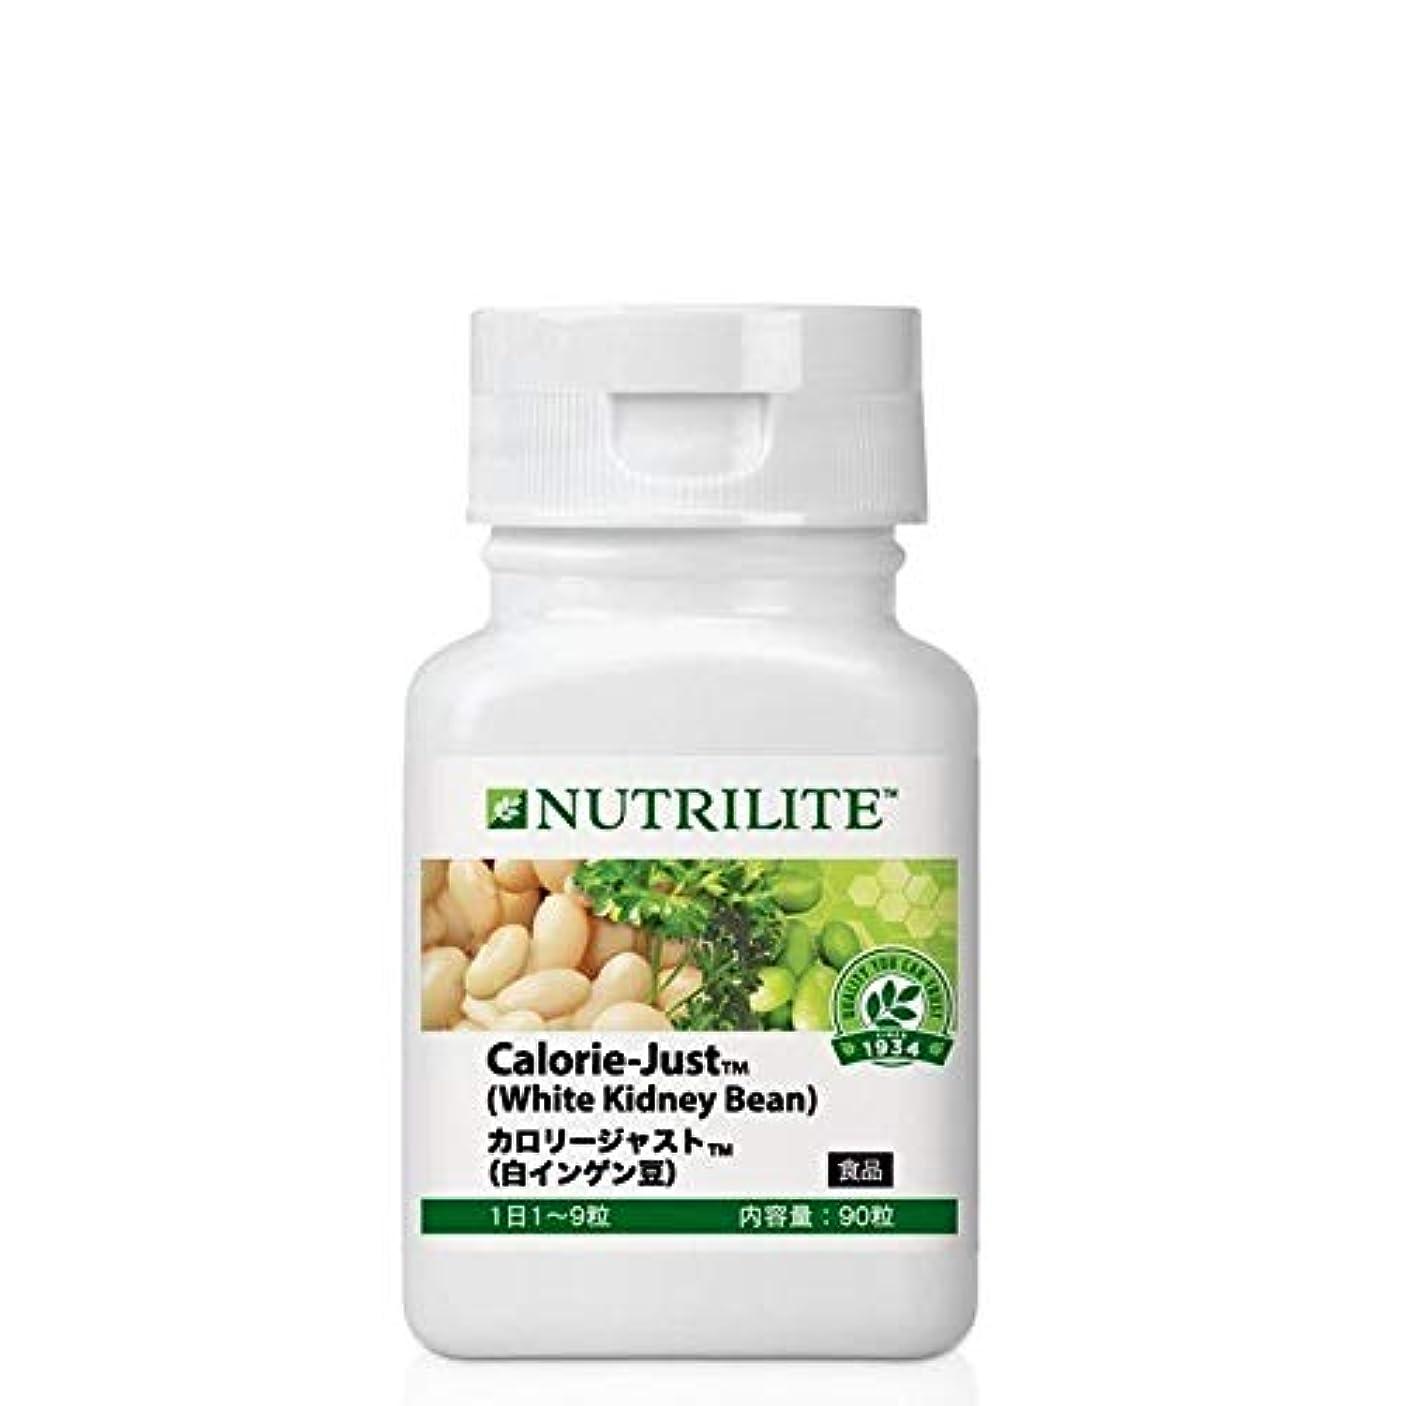 遺伝子花瓶エレメンタルアムウェイ カロリージャスト (白インゲン豆) 90粒